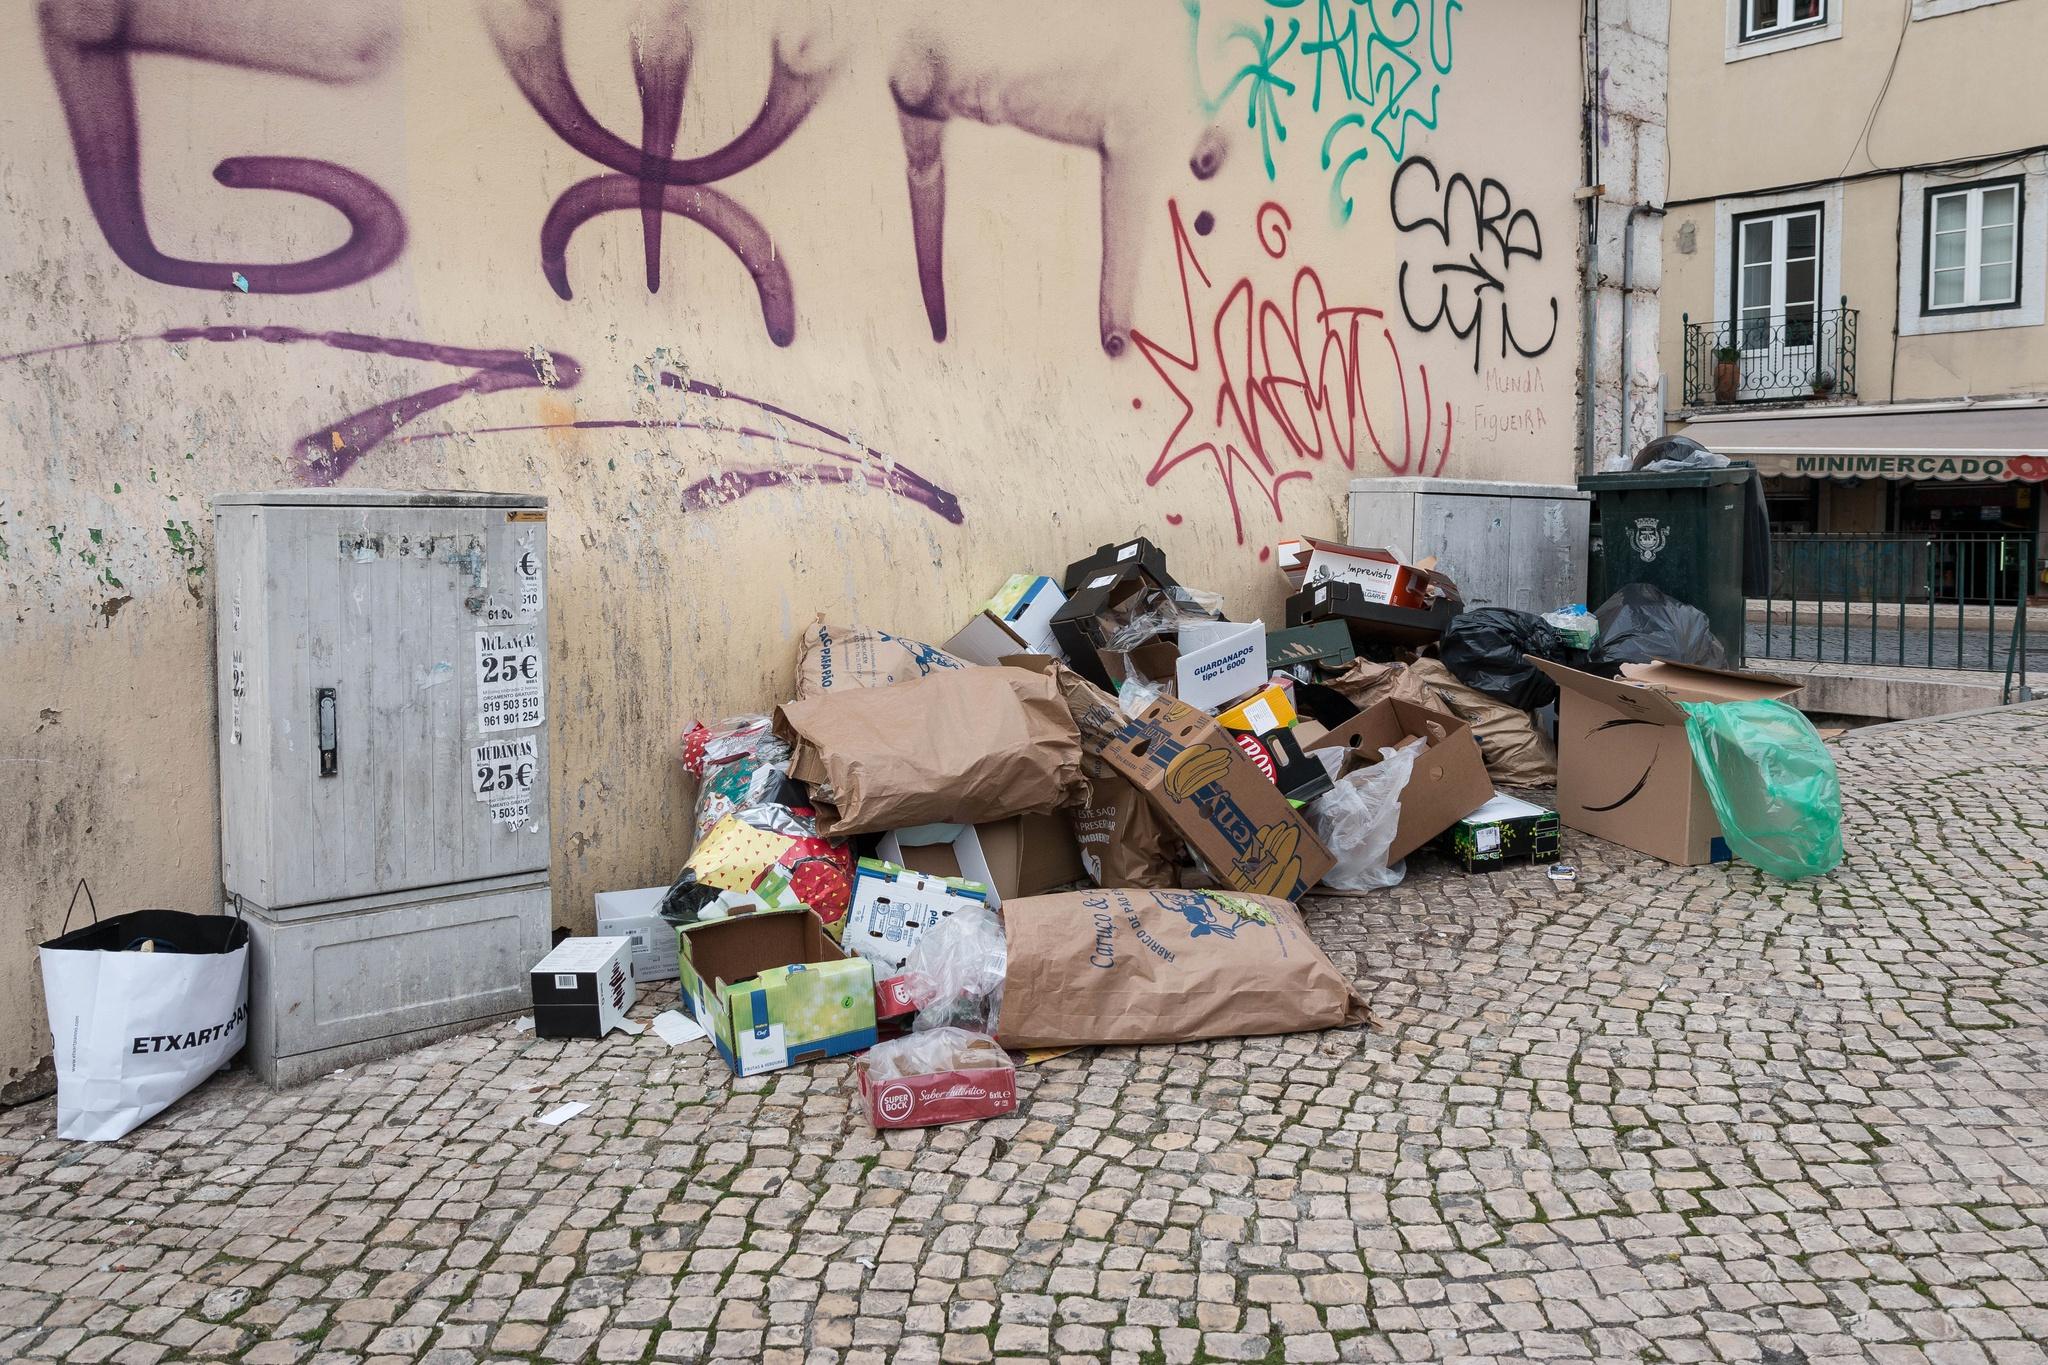 Lisboa vai reduzir tempo de iluminação de monumentos